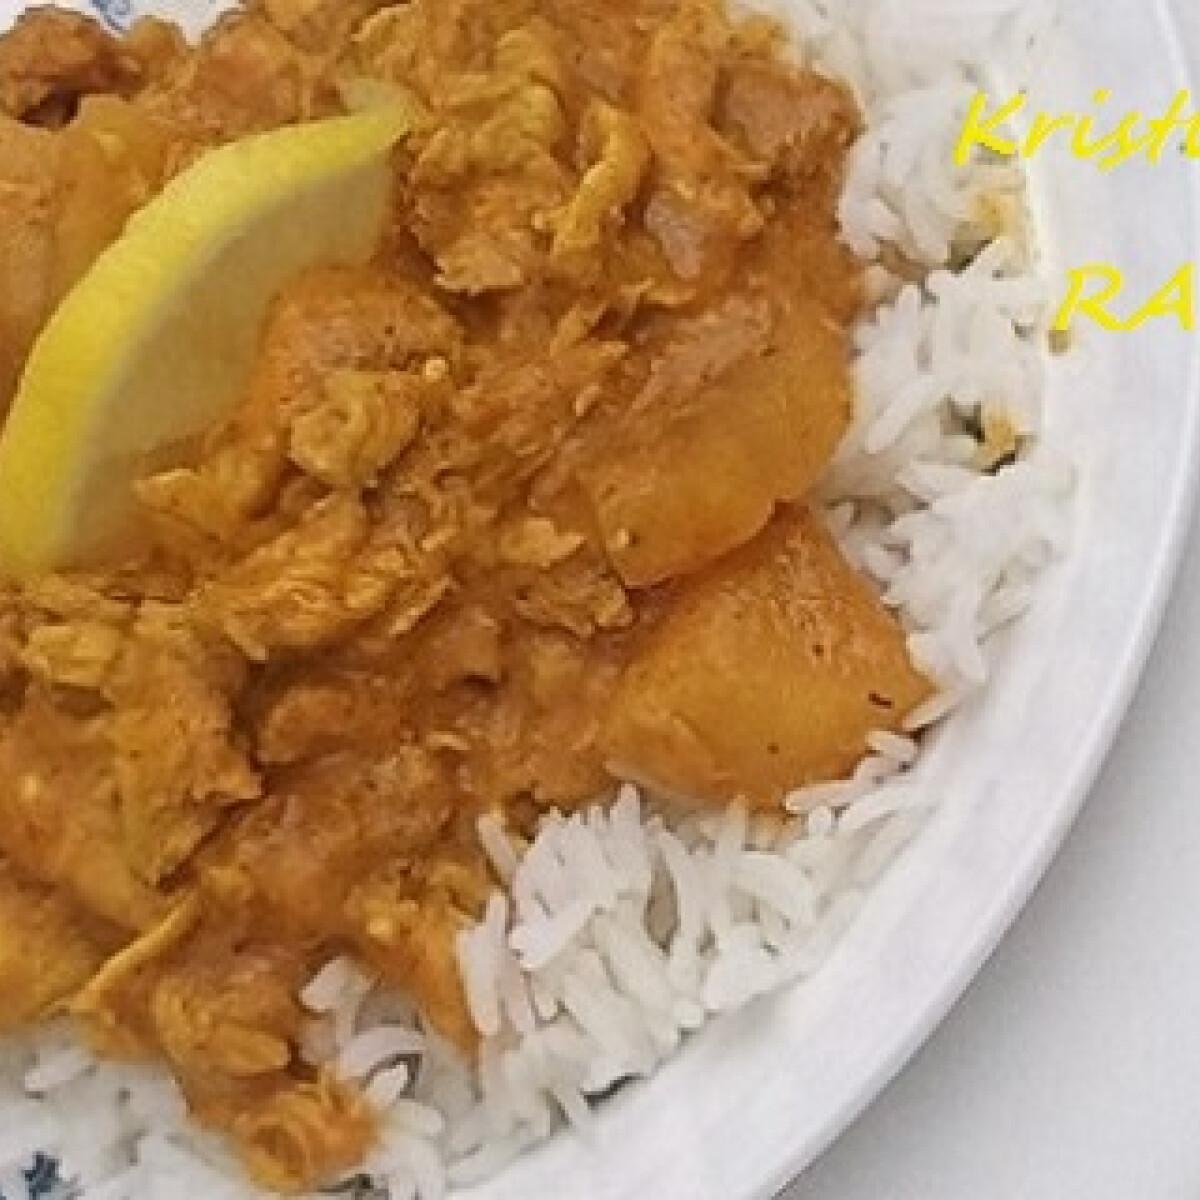 Csirke curry szószban Raw konyhájából